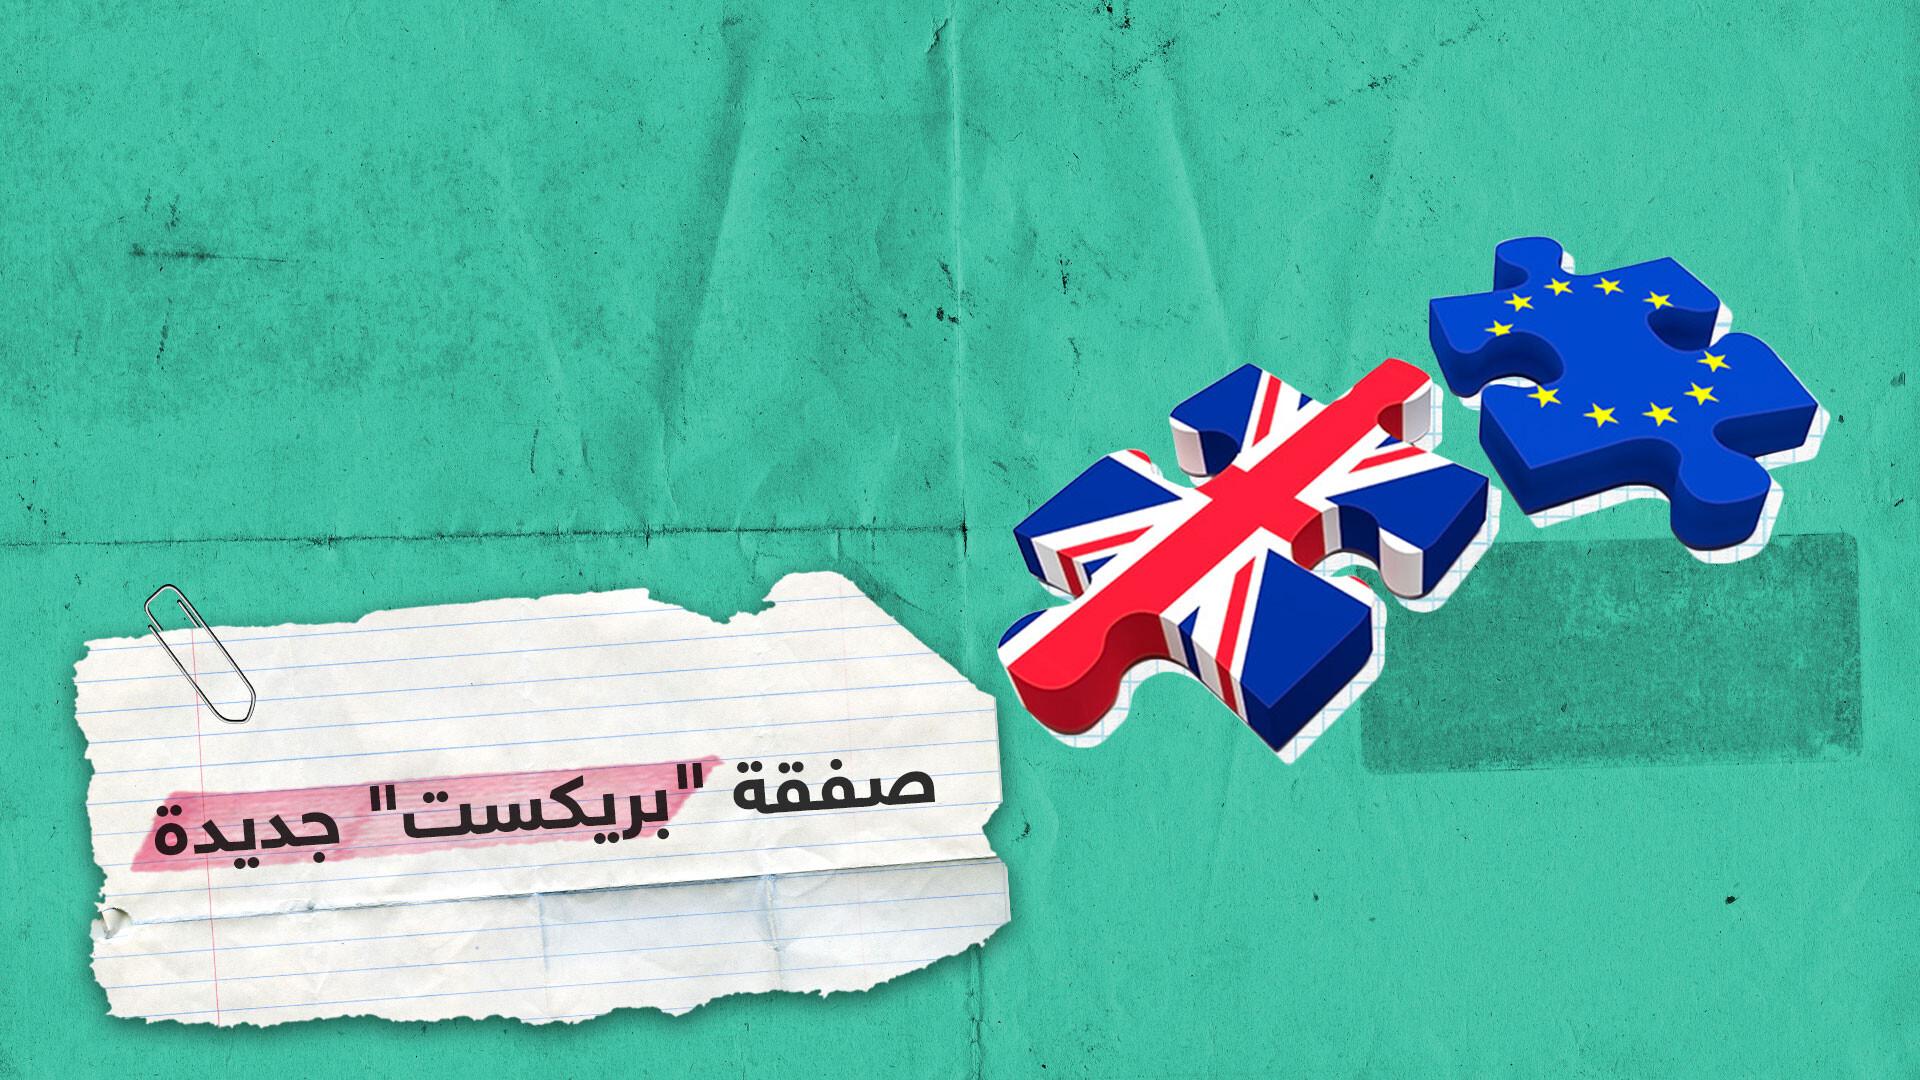 بعد اتفاق بوريس جونسون مع الأوروبيين.. برلمان بريطانيا يصوت لصالح تأجيل الخروج من الاتحاد الأوروبي